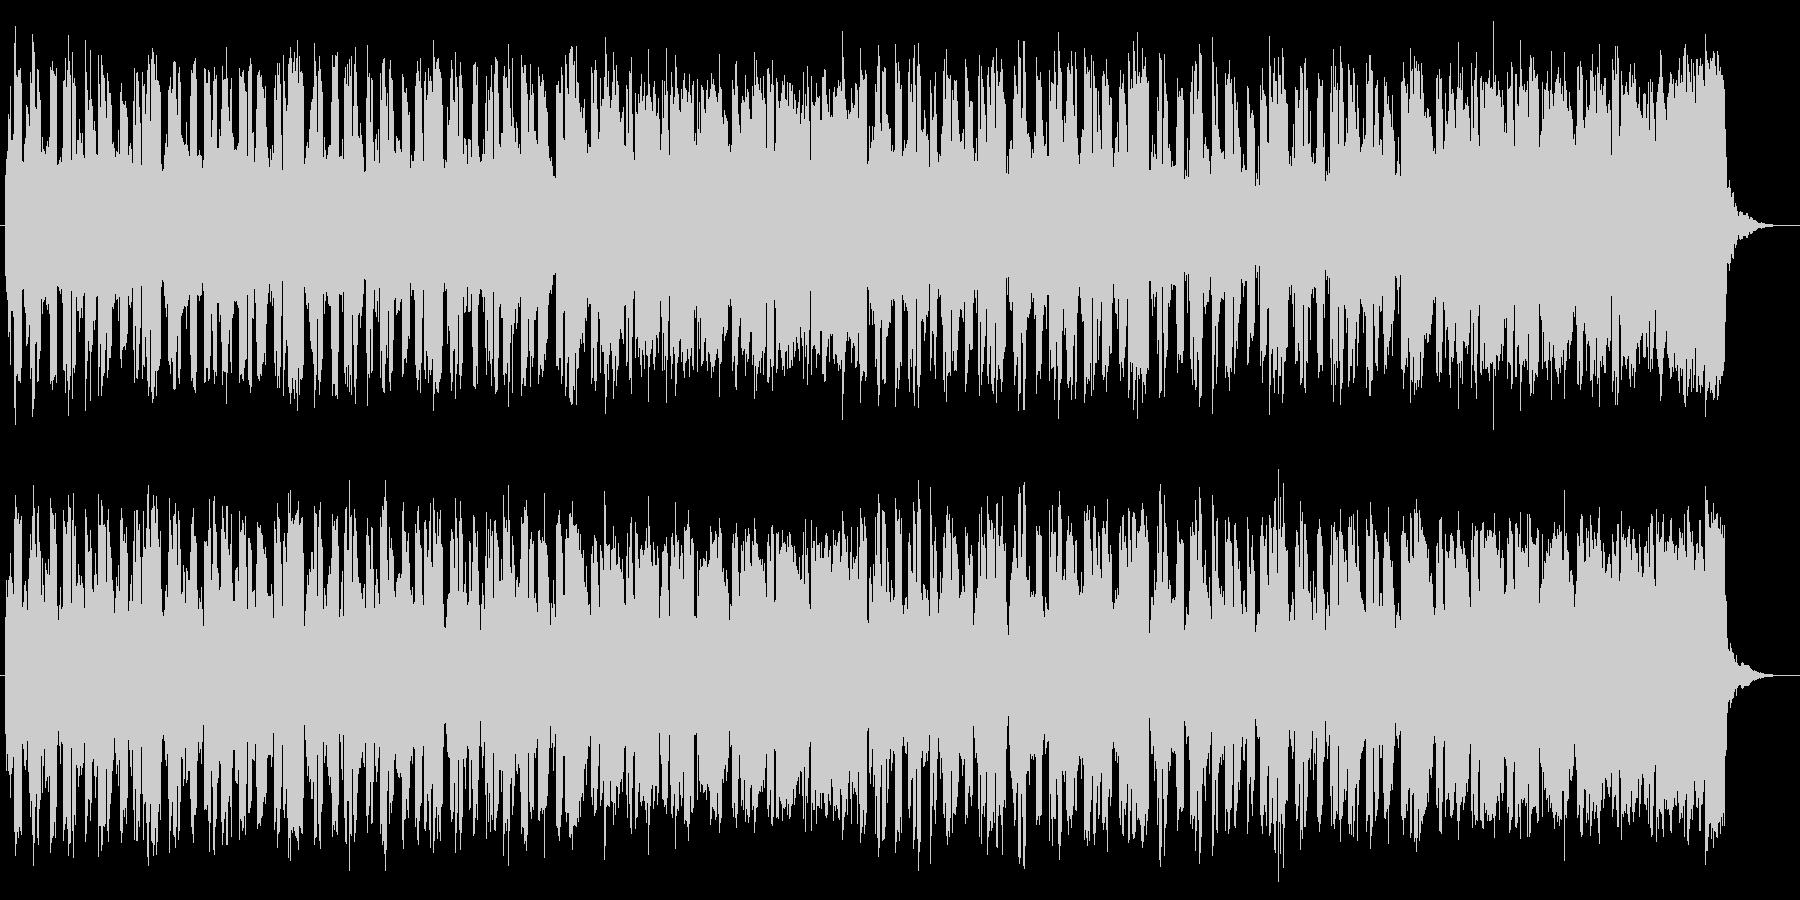 情熱的なストリングポップスの未再生の波形